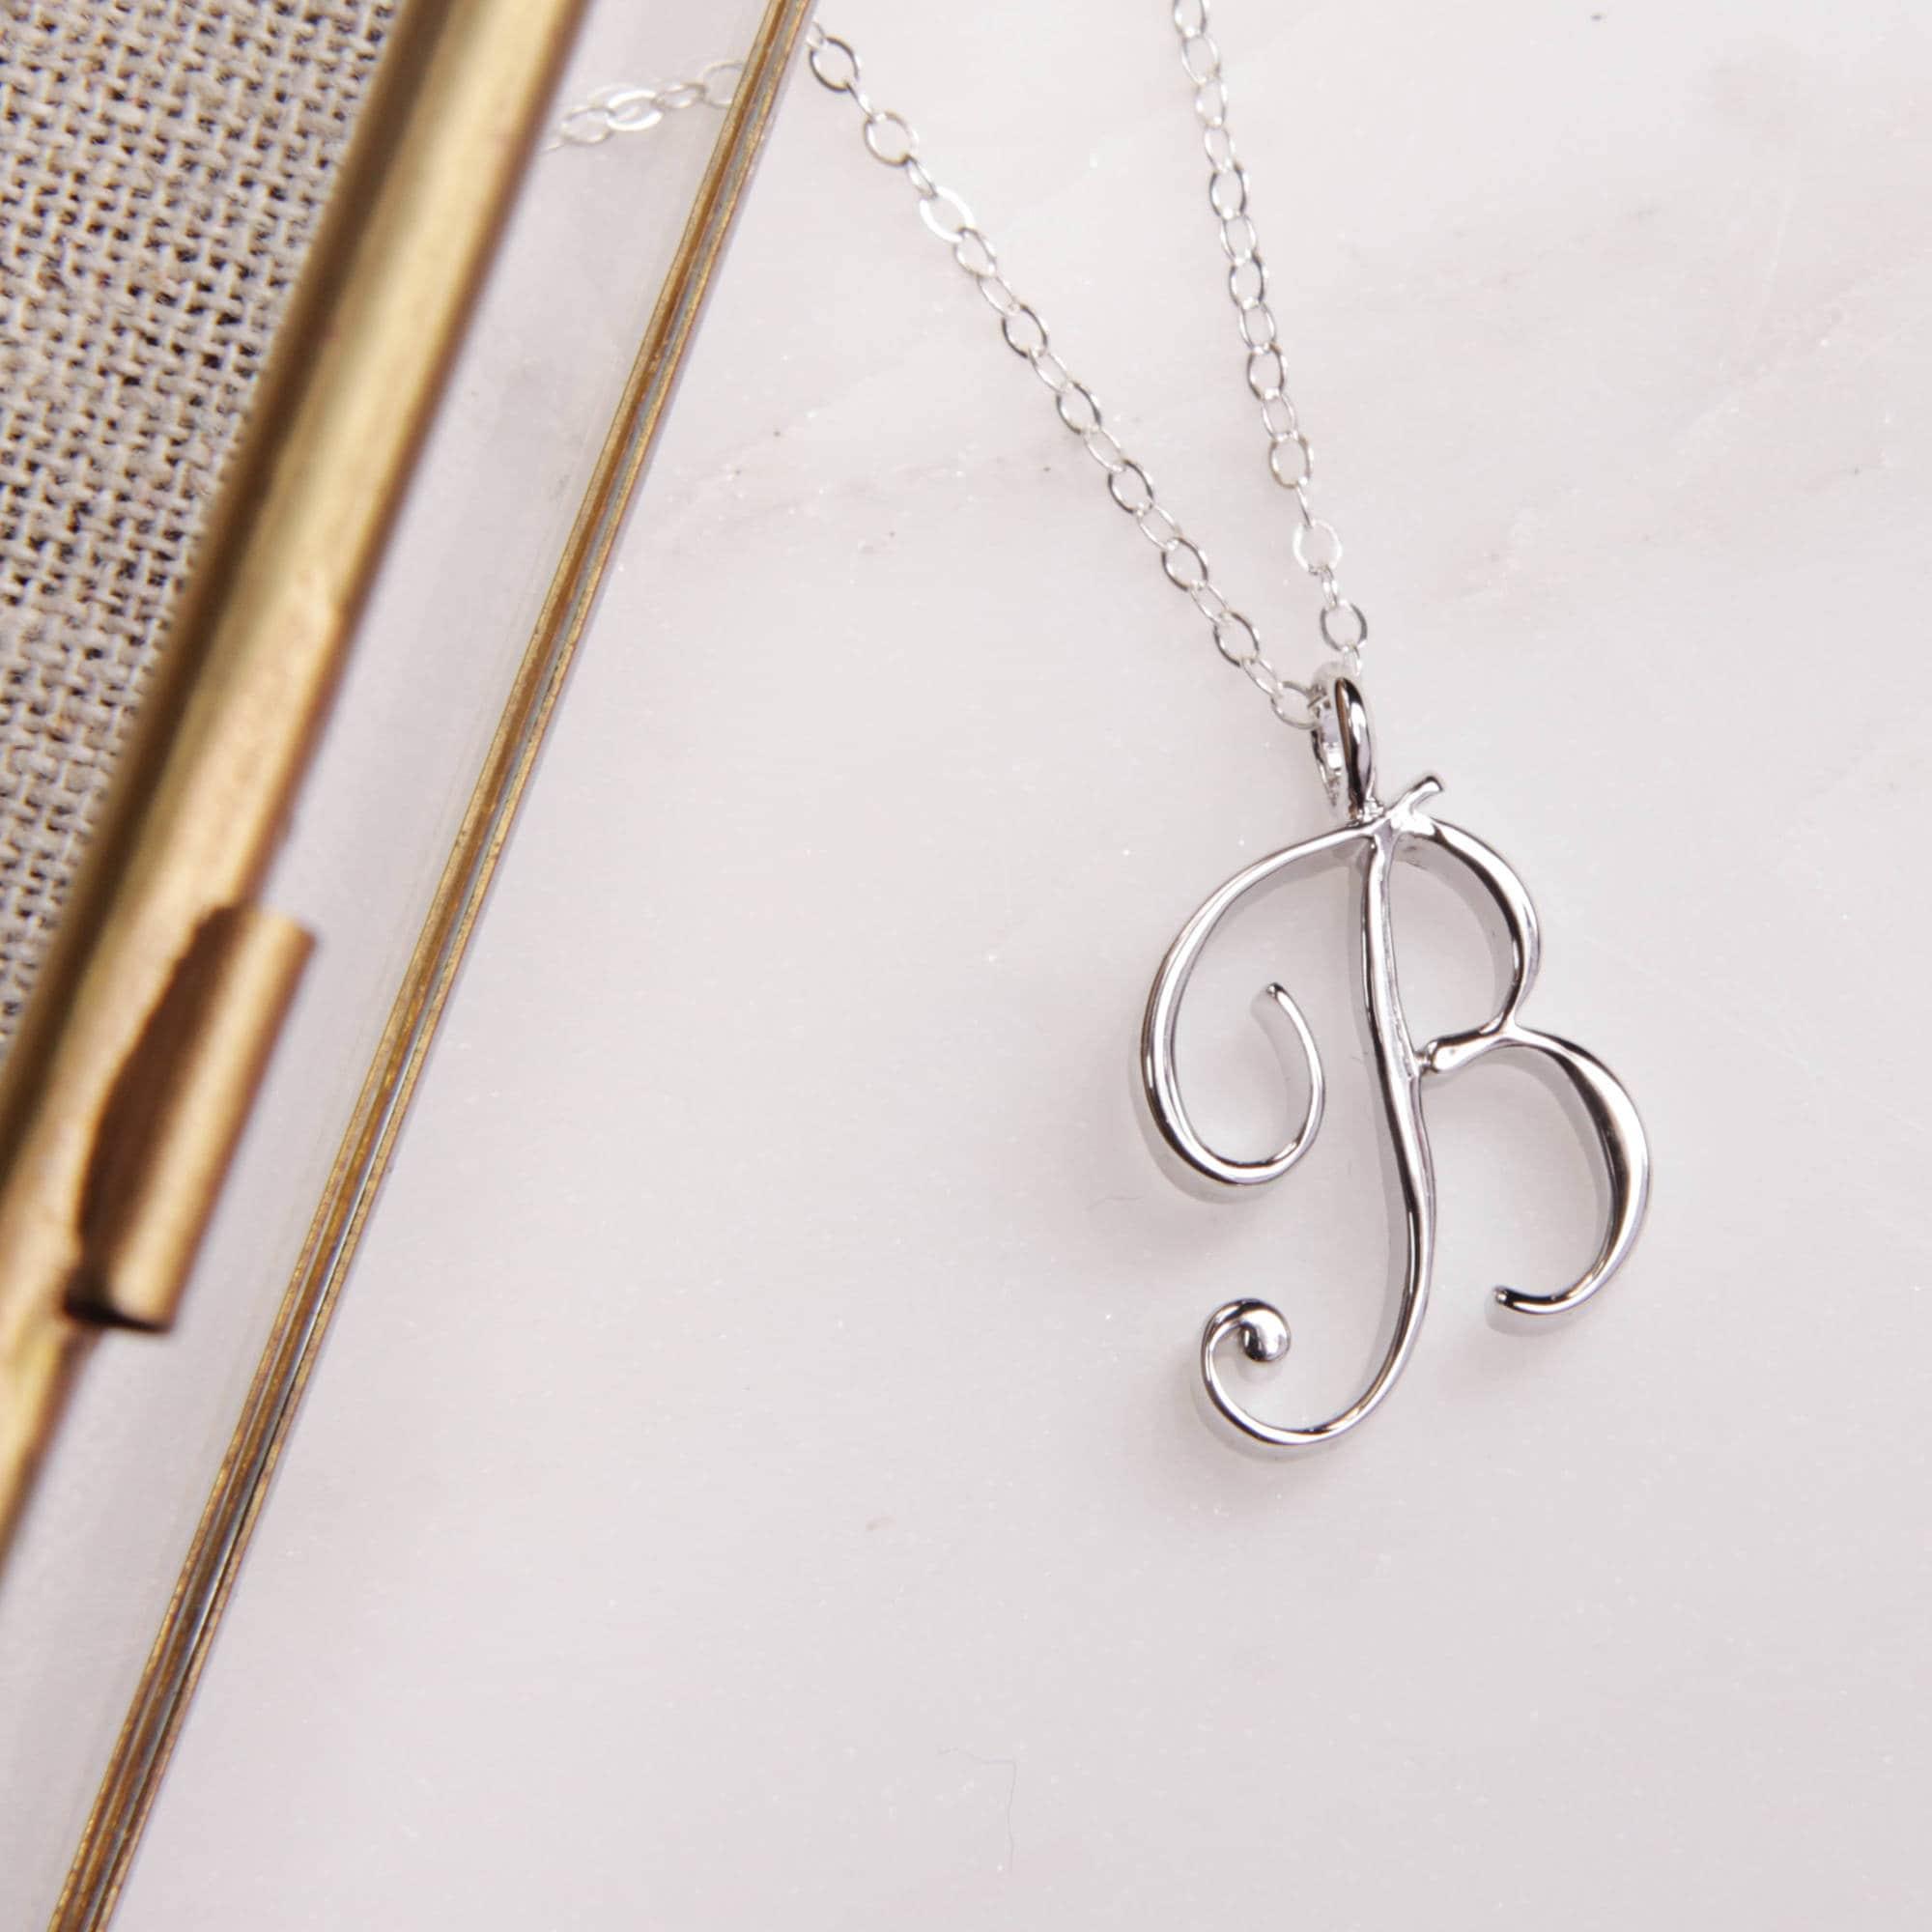 Silver Initial b Necklace Script Initial Necklace Cursive Letter Necklace Lowercase b Cursive Initial B Necklace In Silver Monogram B